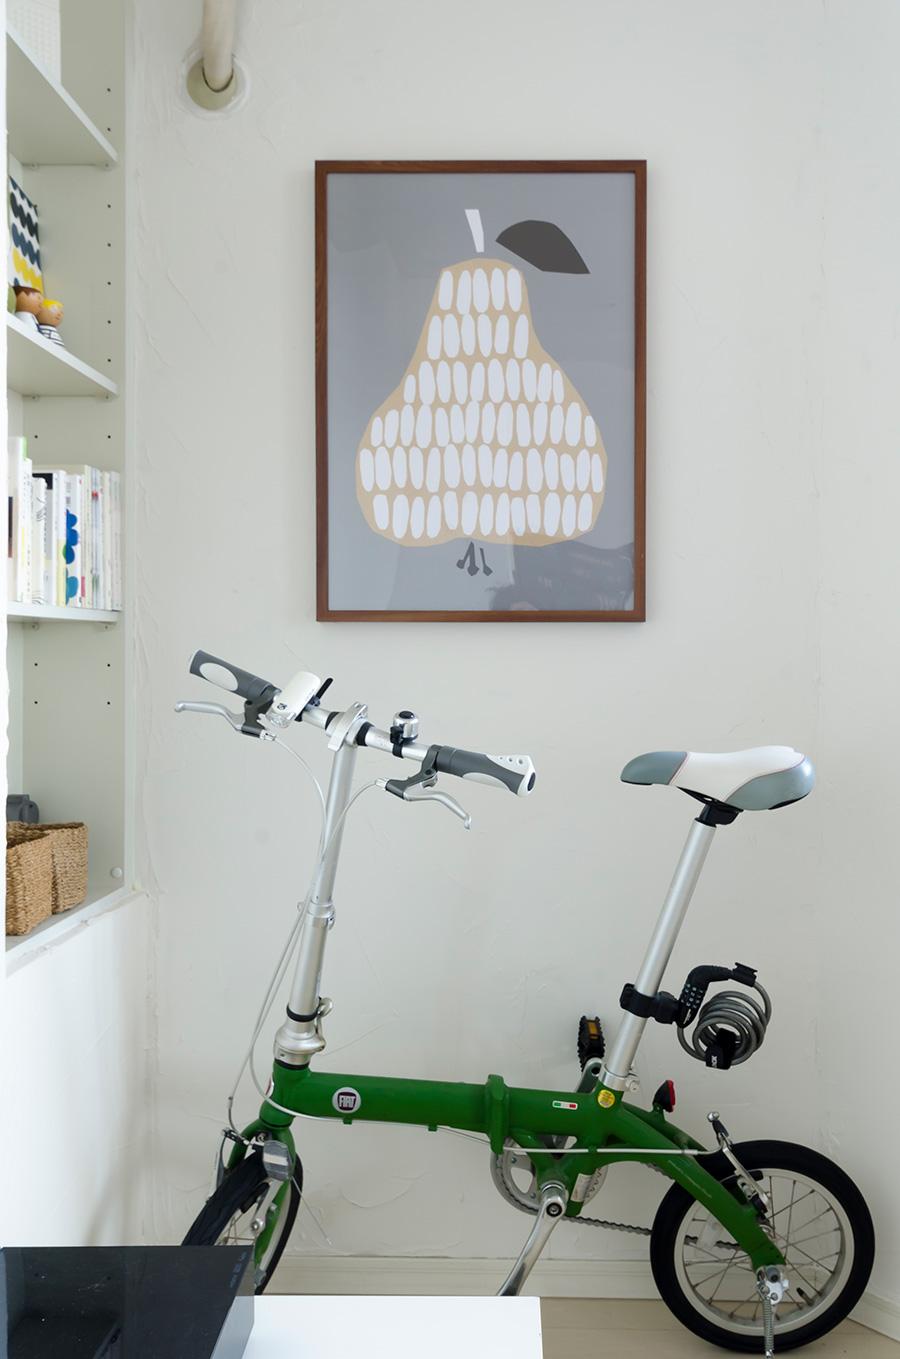 ダーリン・クレメンタインのポスターを額装。Fiatの自転車で横浜の街のサイクリングも楽しむ。